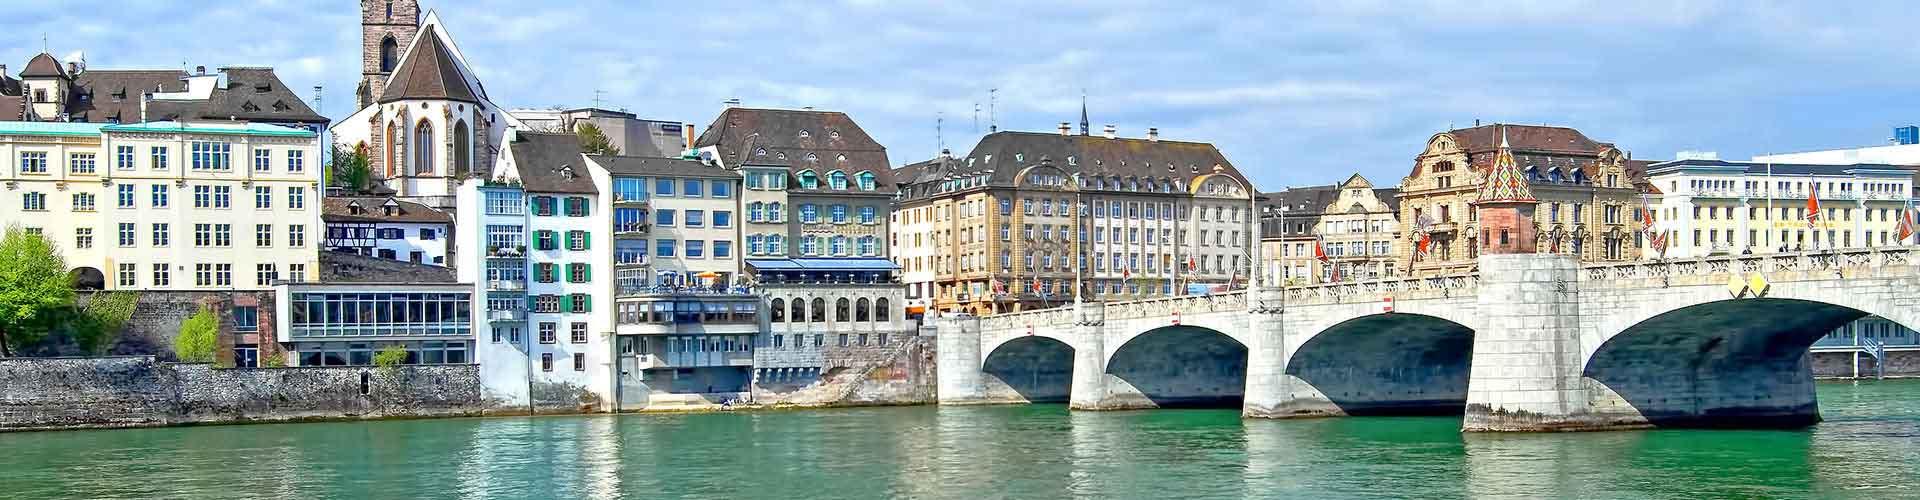 Basilea - Campamentos en Basilea. Mapas de Basilea, Fotos y comentarios de cada Campamento en Basilea.